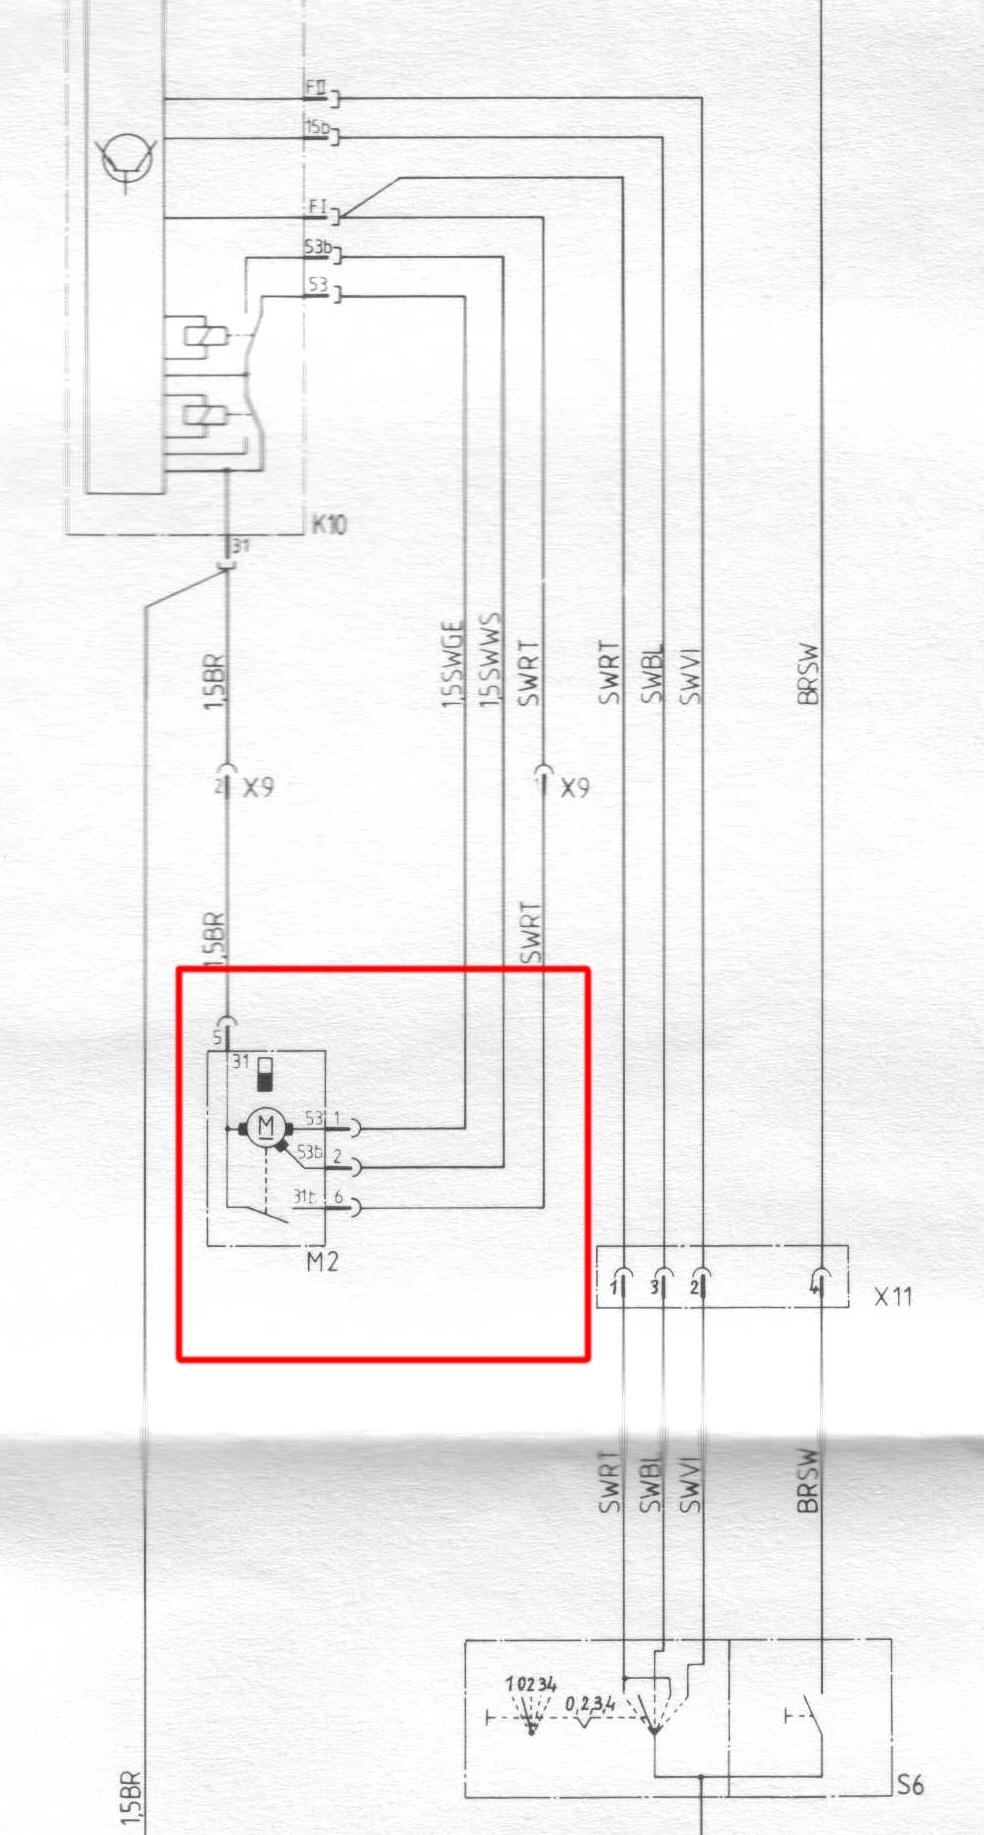 scheibenwischermotor elektrik e30. Black Bedroom Furniture Sets. Home Design Ideas